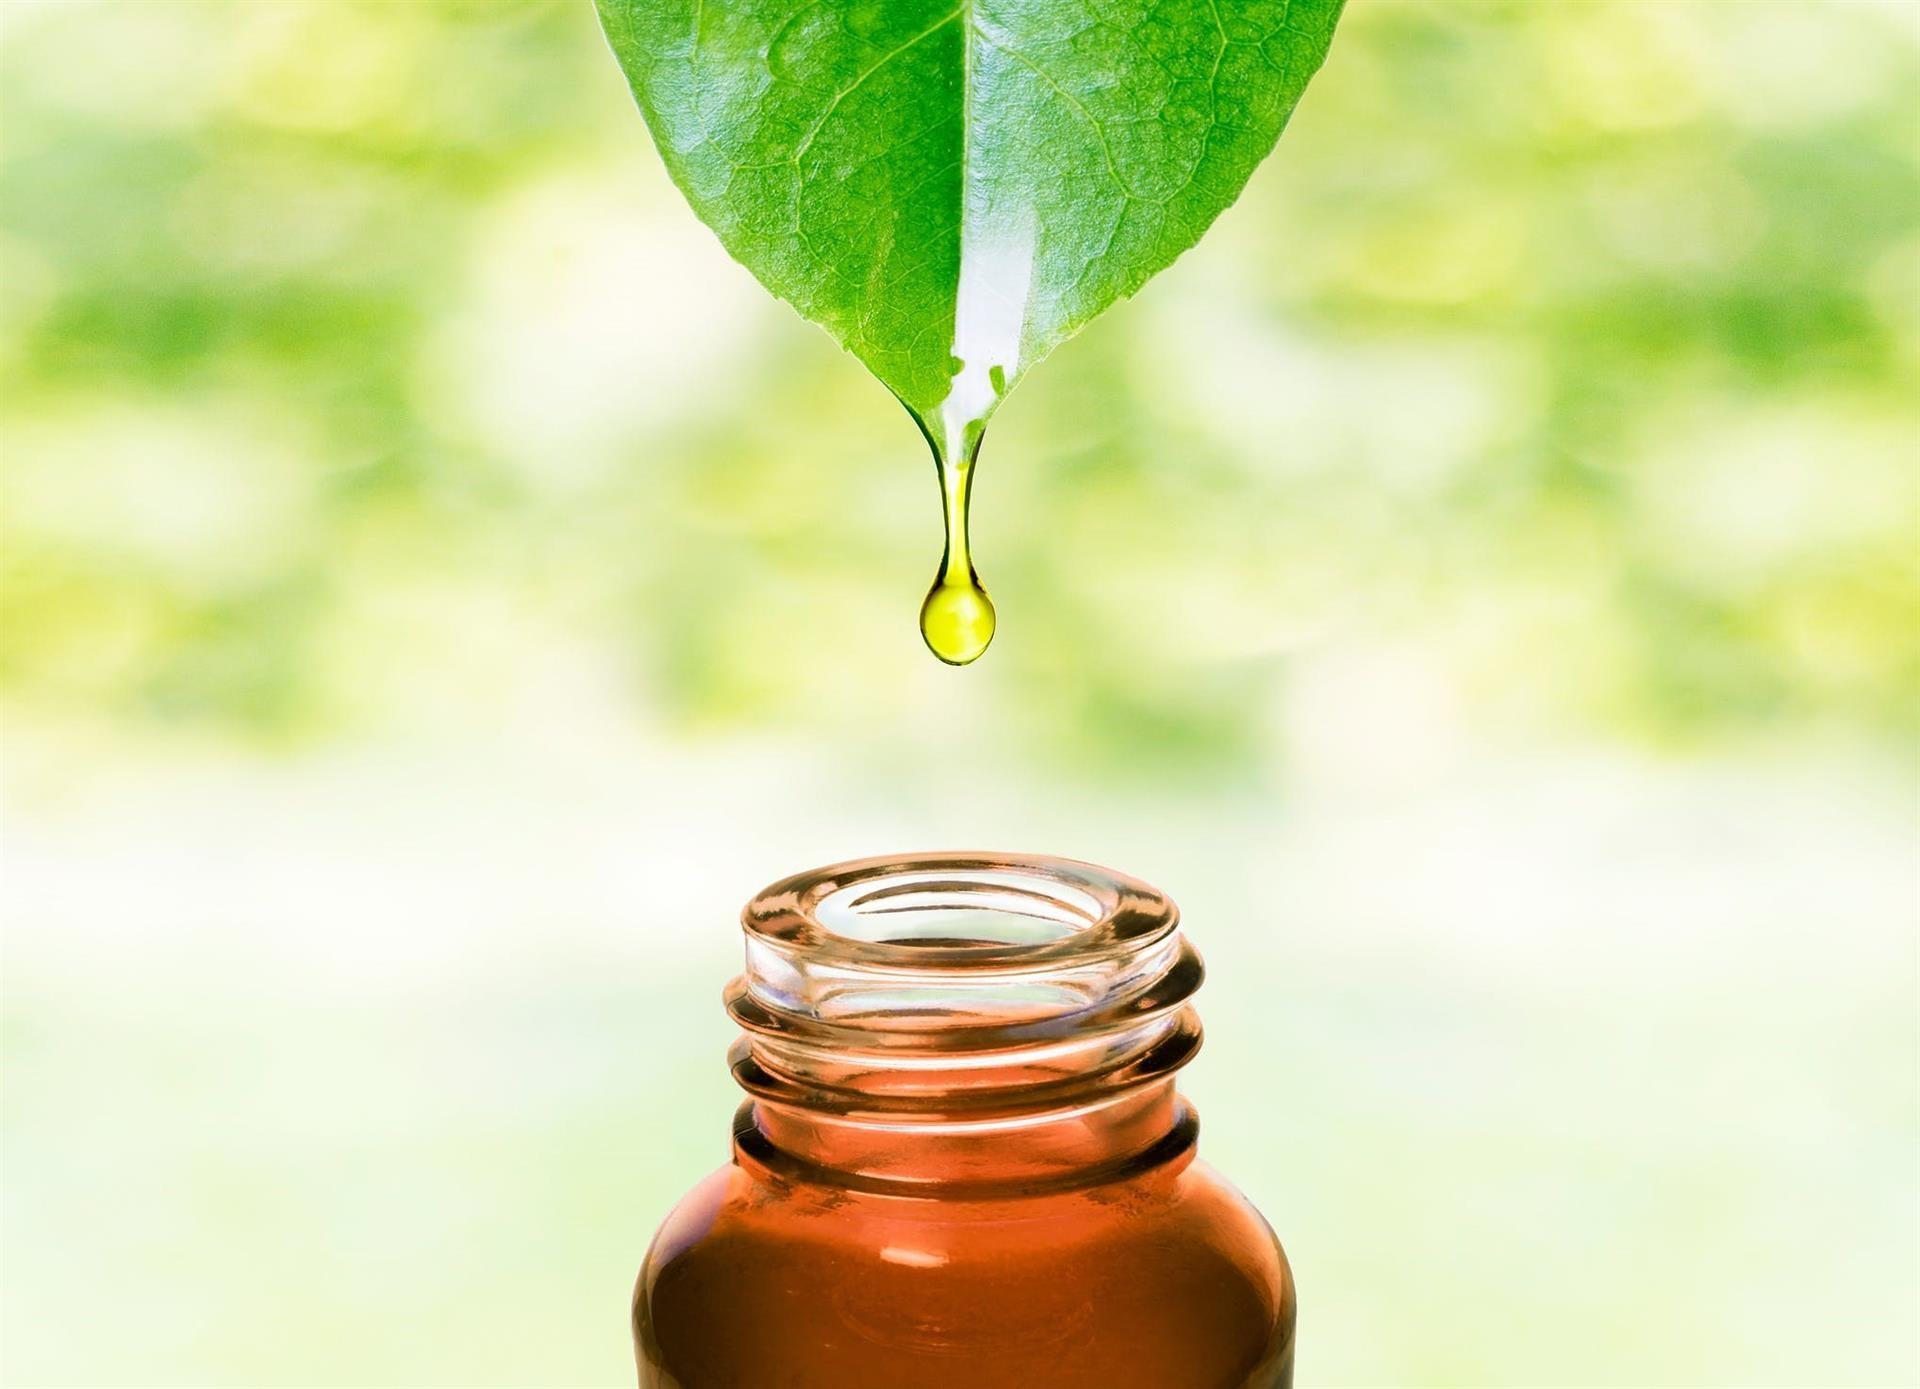 Essential oils: precious formulations with many uses